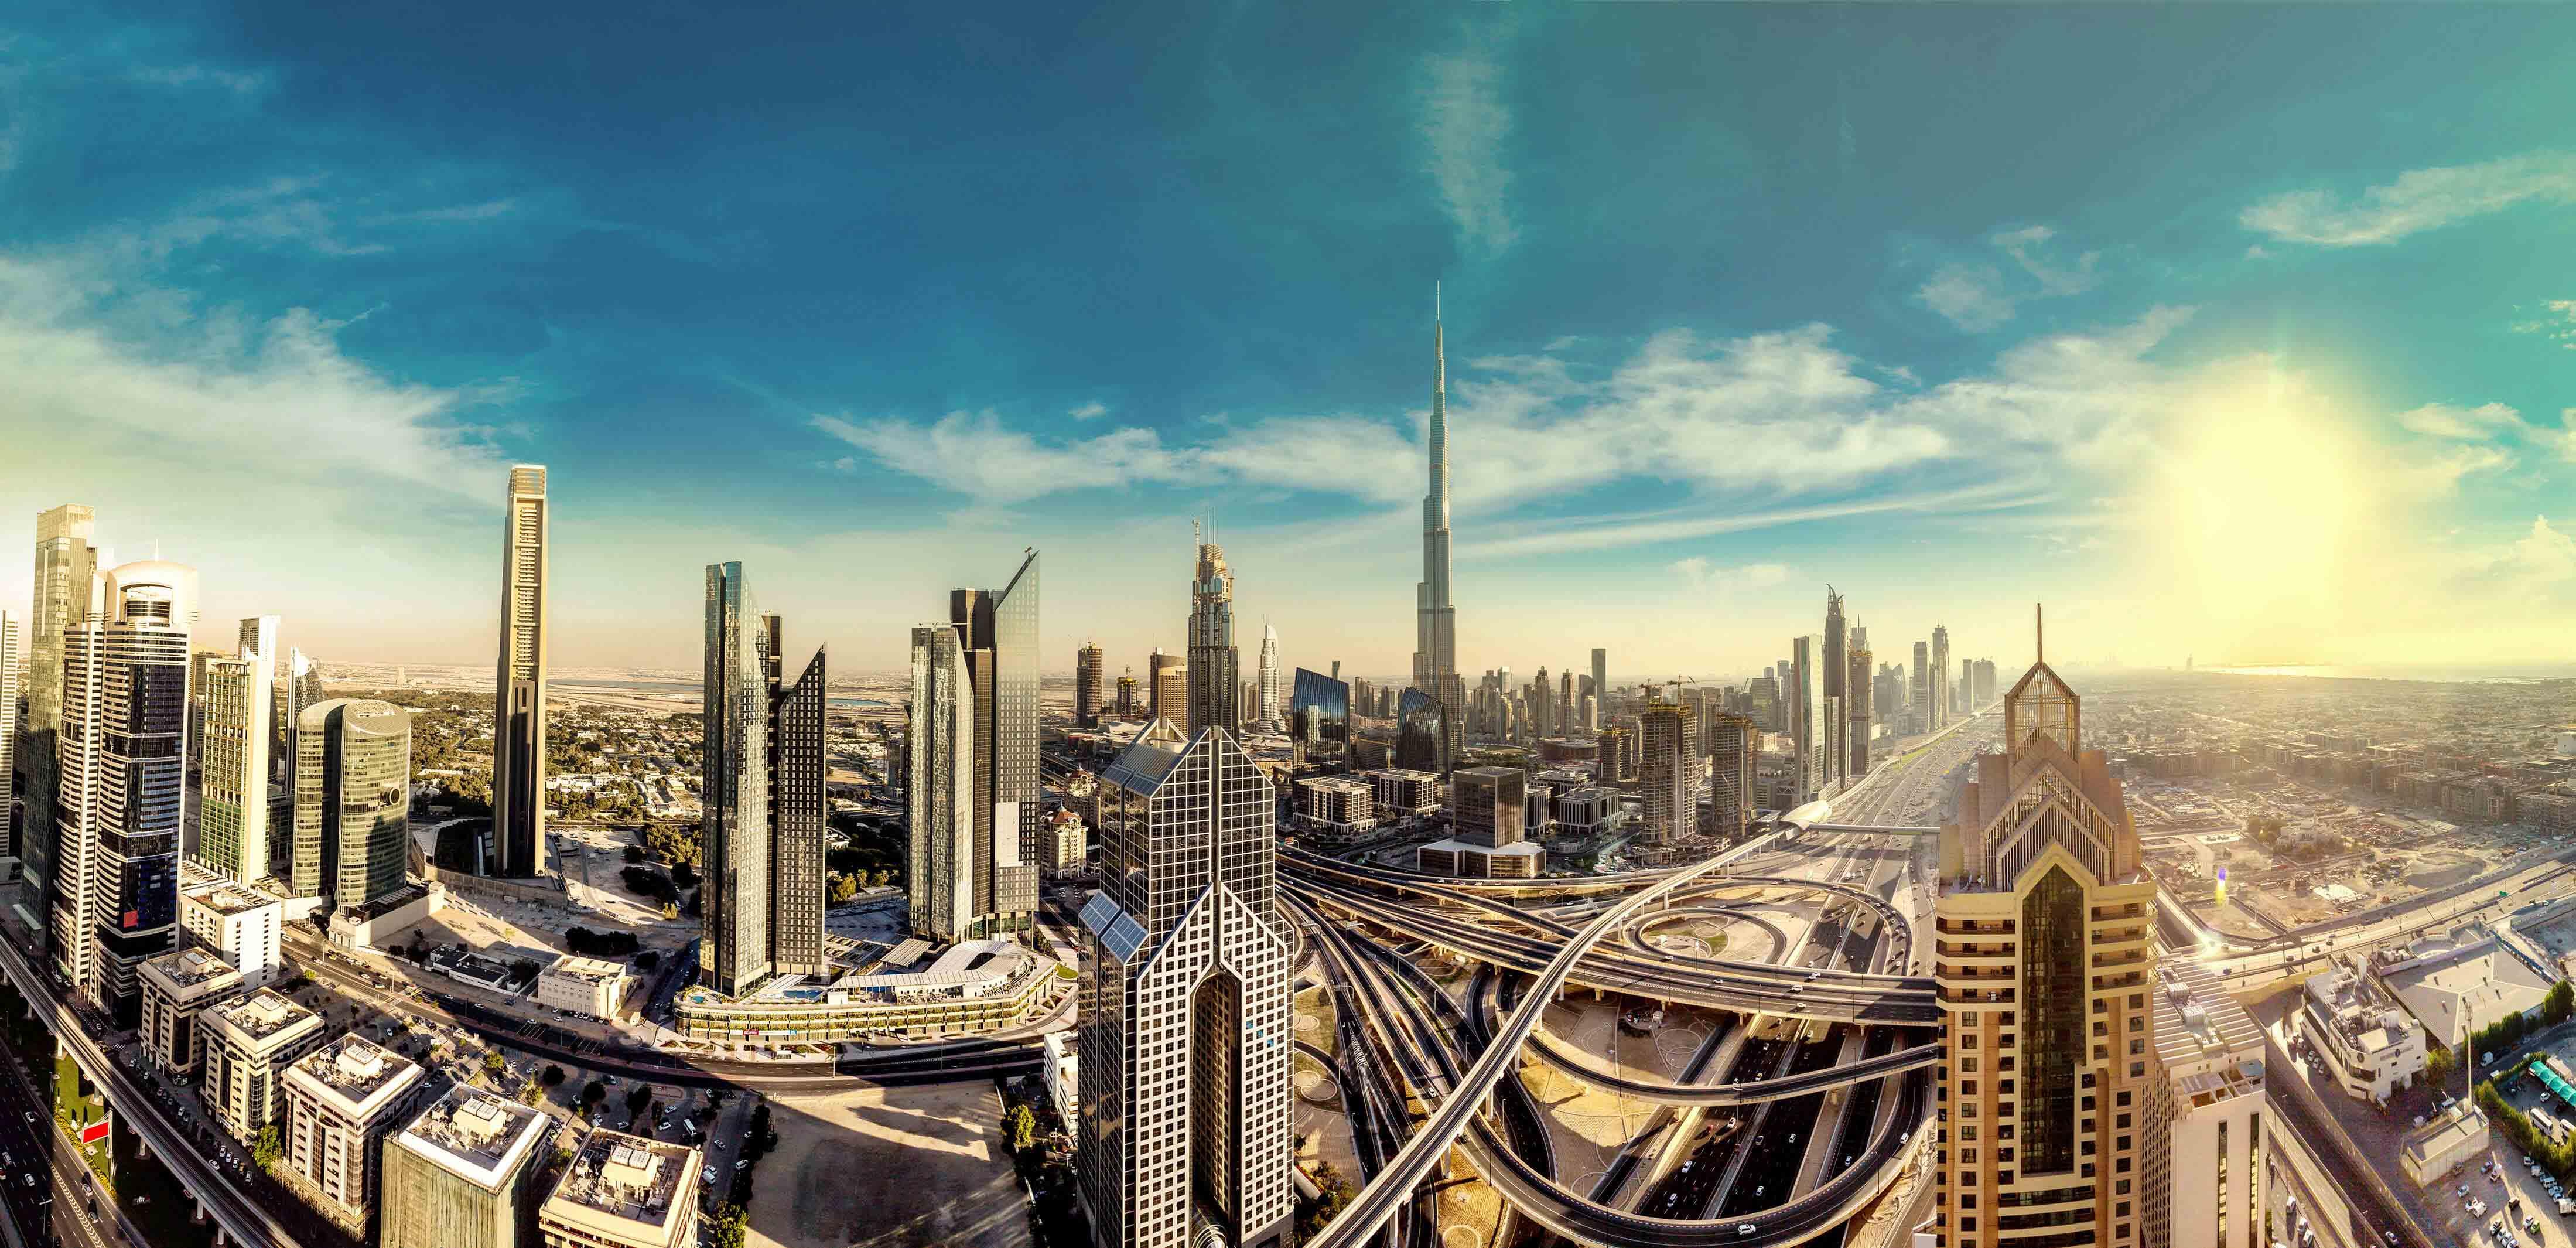 الاستثمار في العقارات السكنية الجاهزة في دبي